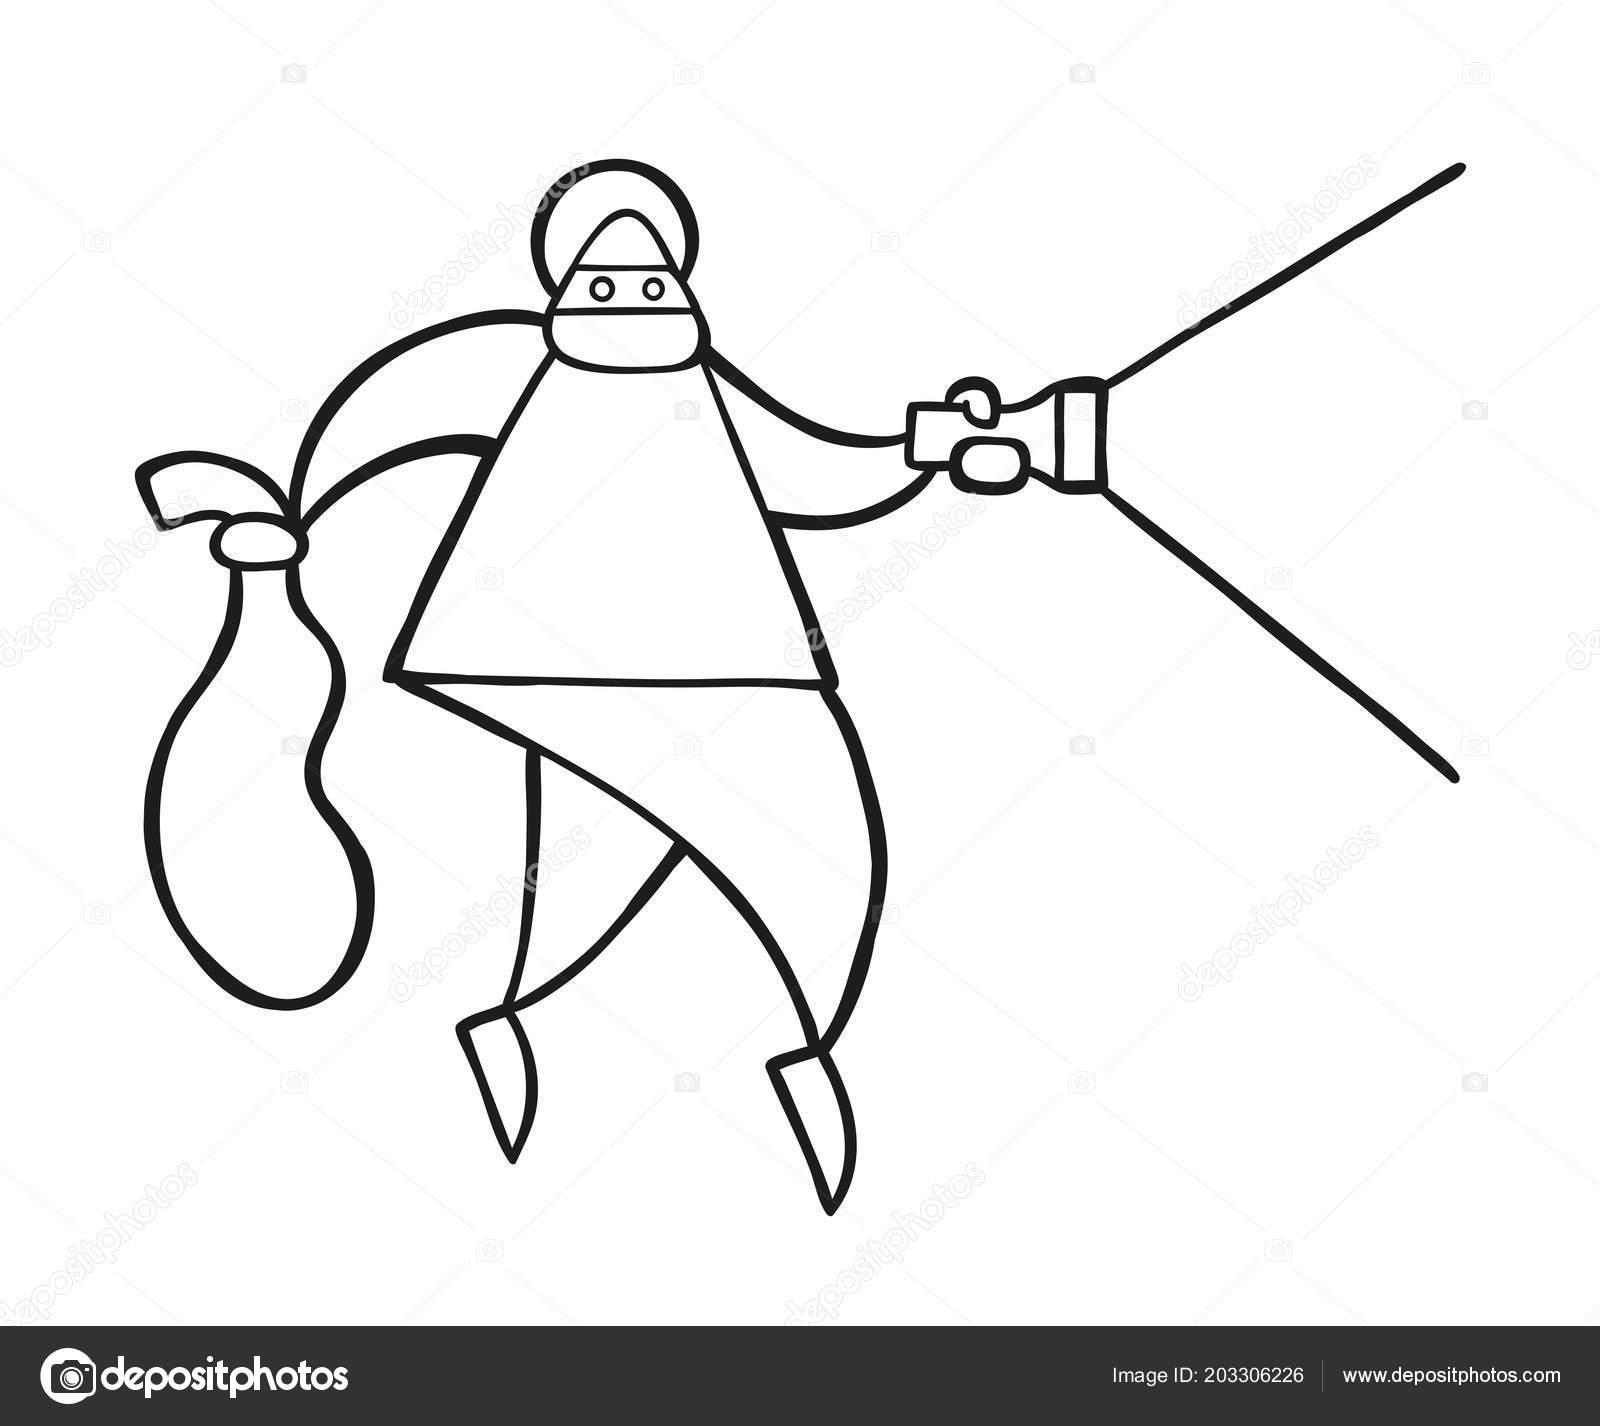 Vektorove Ilustrace Kreslene Zlodej Muz Tvari Maskovany Chuze Drzeni